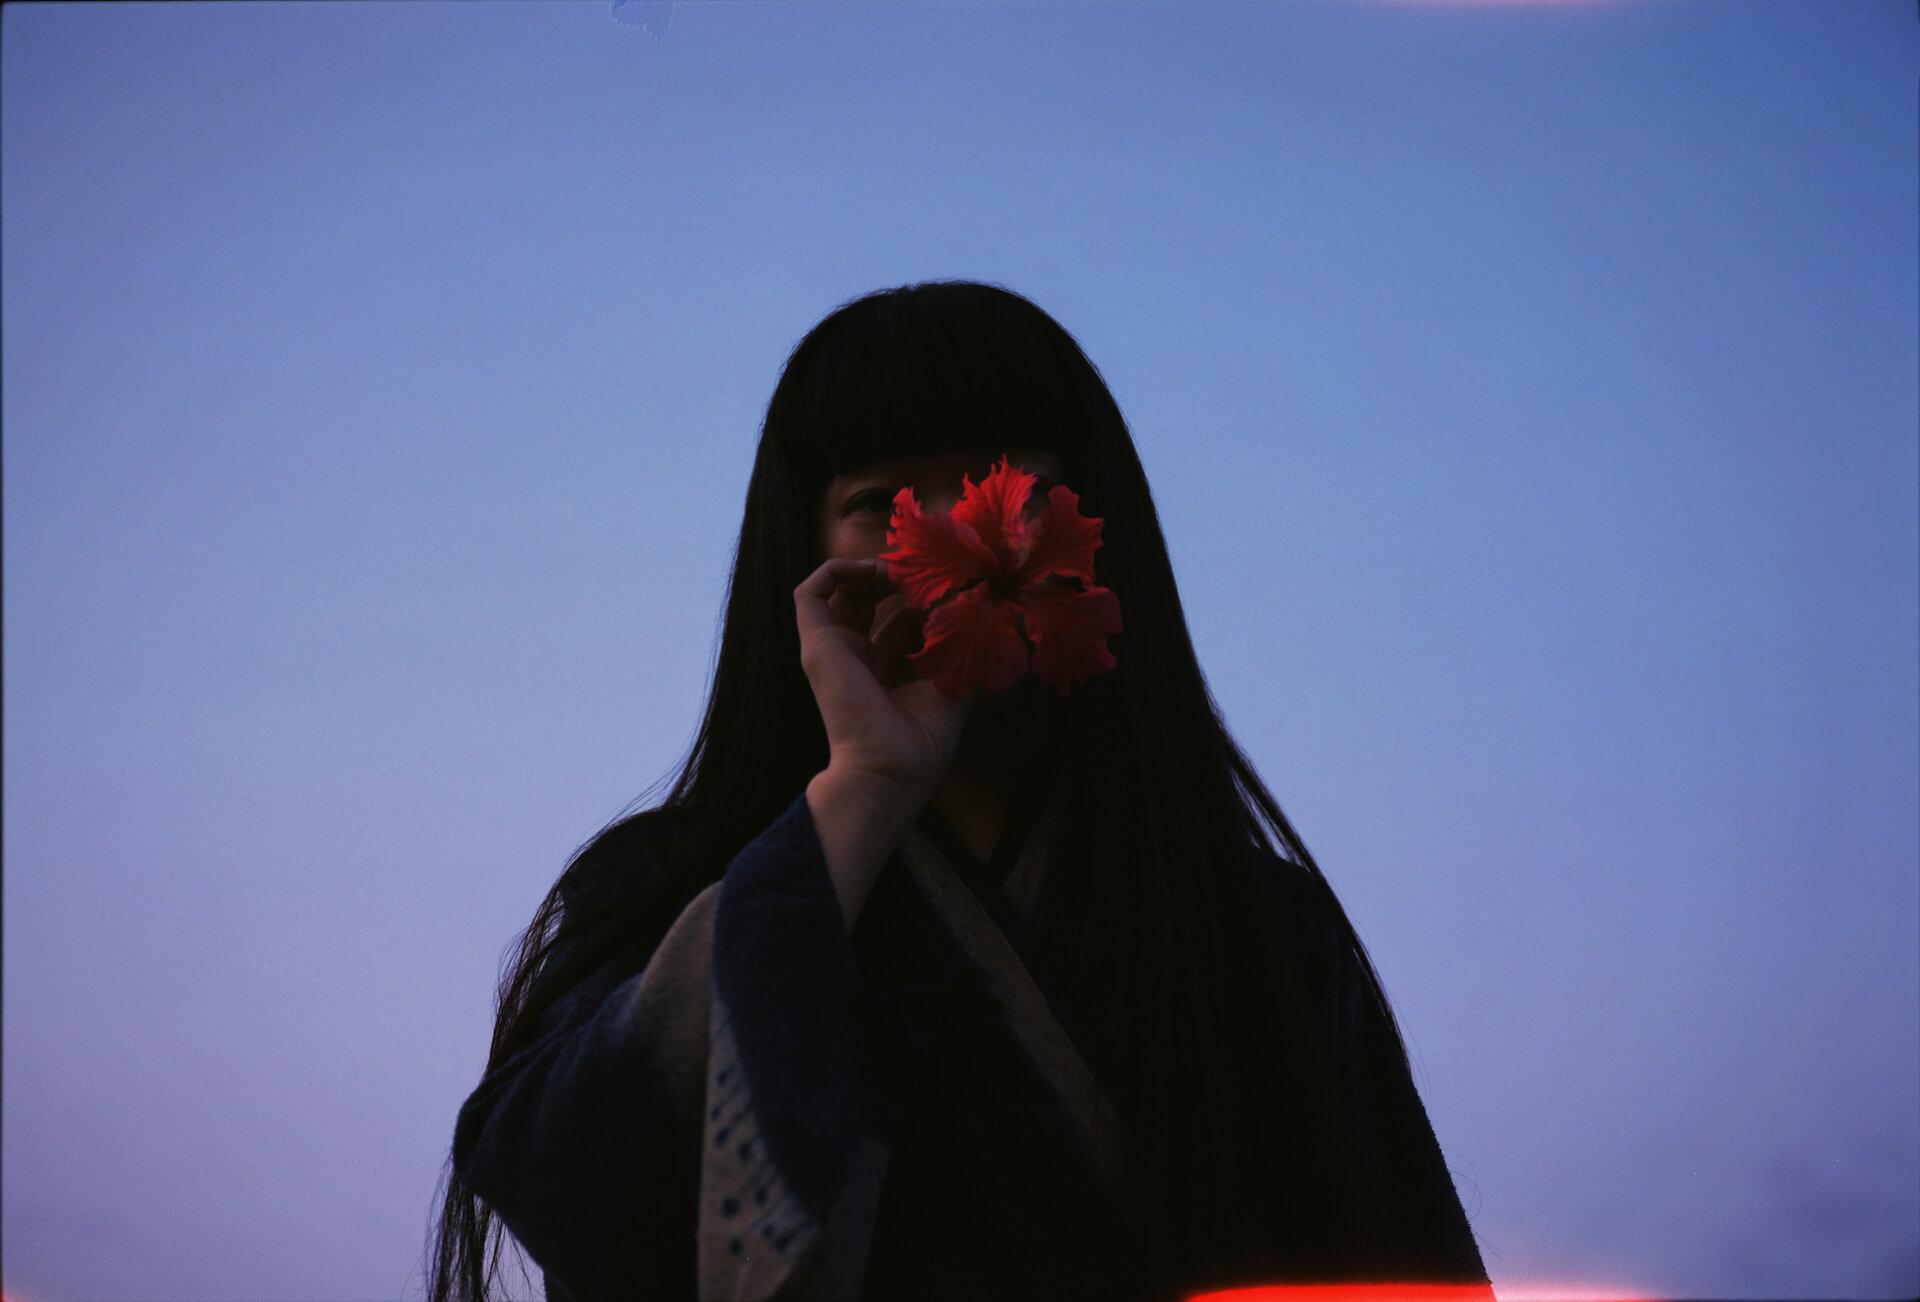 青葉市子のニューアルバム『アダンの風』収録3曲の弾き語りセルフカバーをパッケージしたシングル『Windswept Adan roots』が配信リリース! music210616_aobaichiko_4